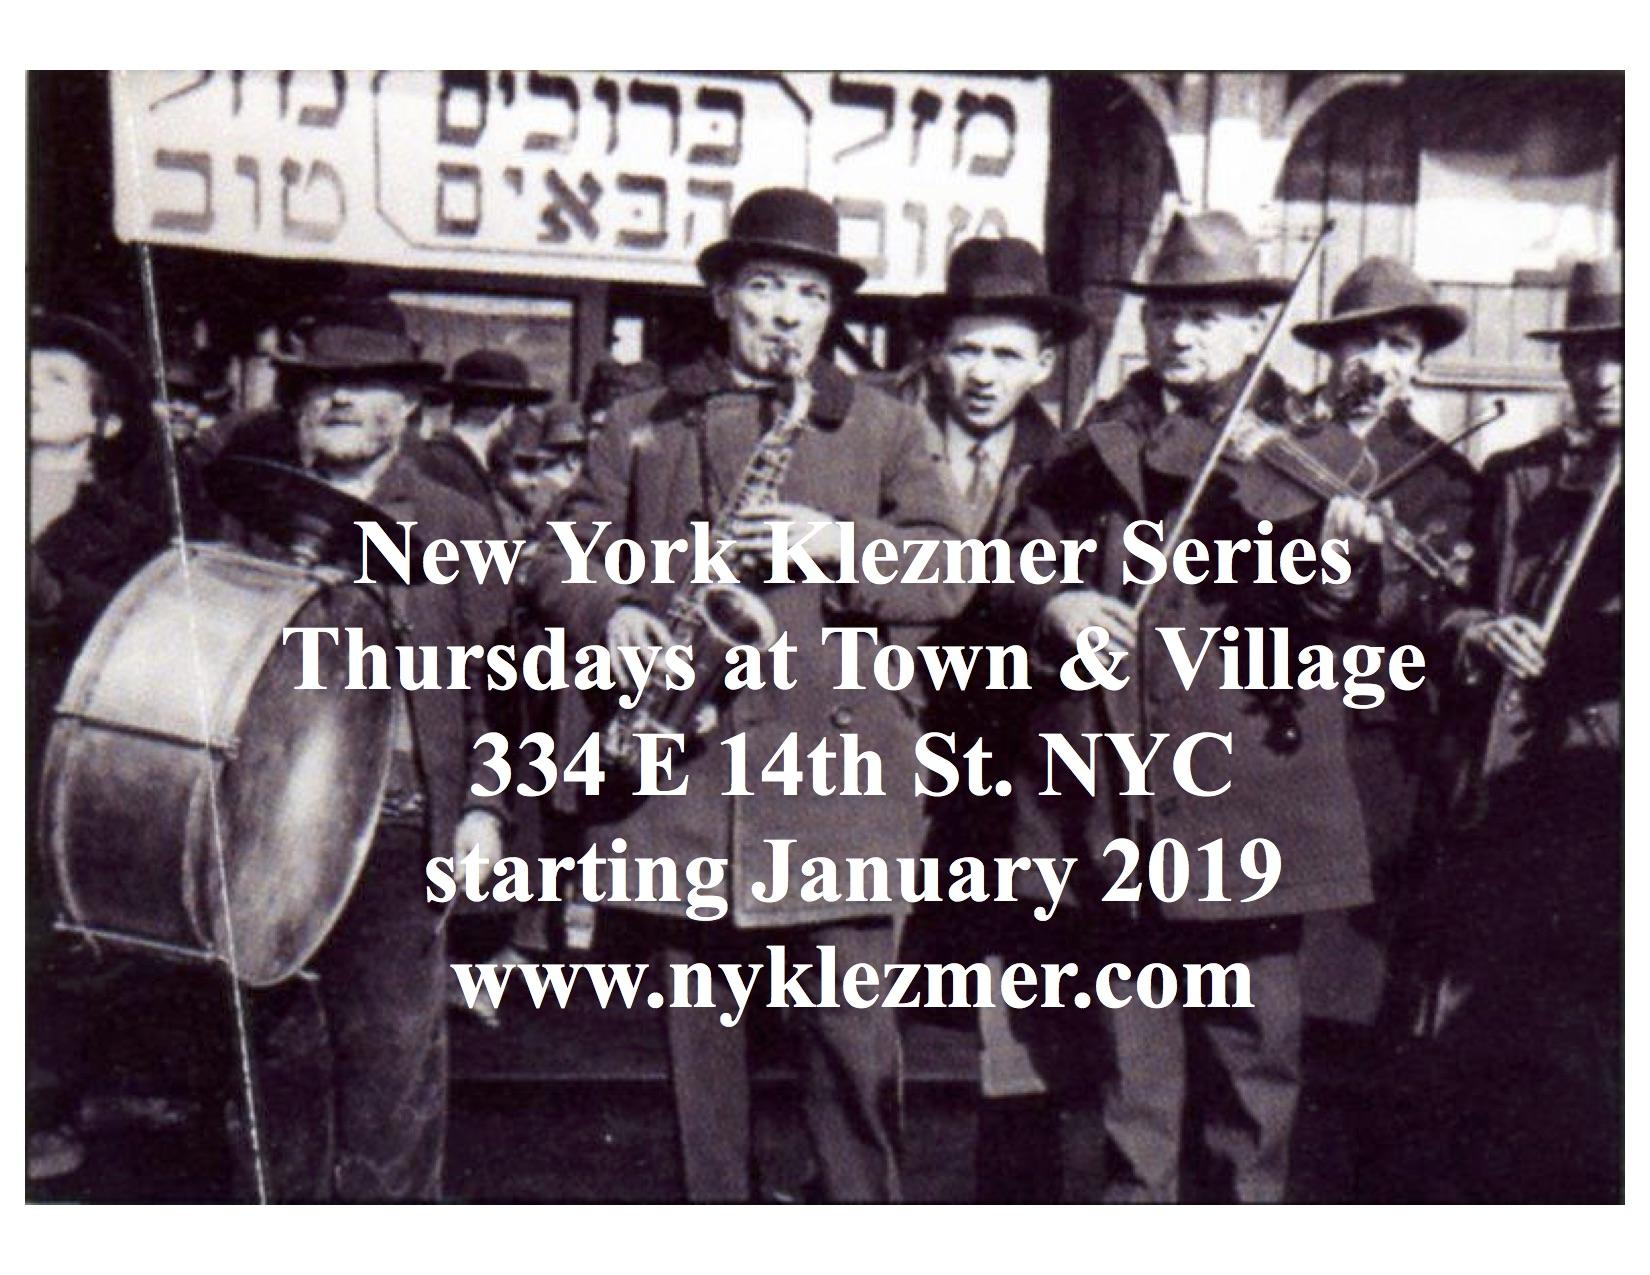 The New York Klezmer Series | Klezmer Concerts, Workshops